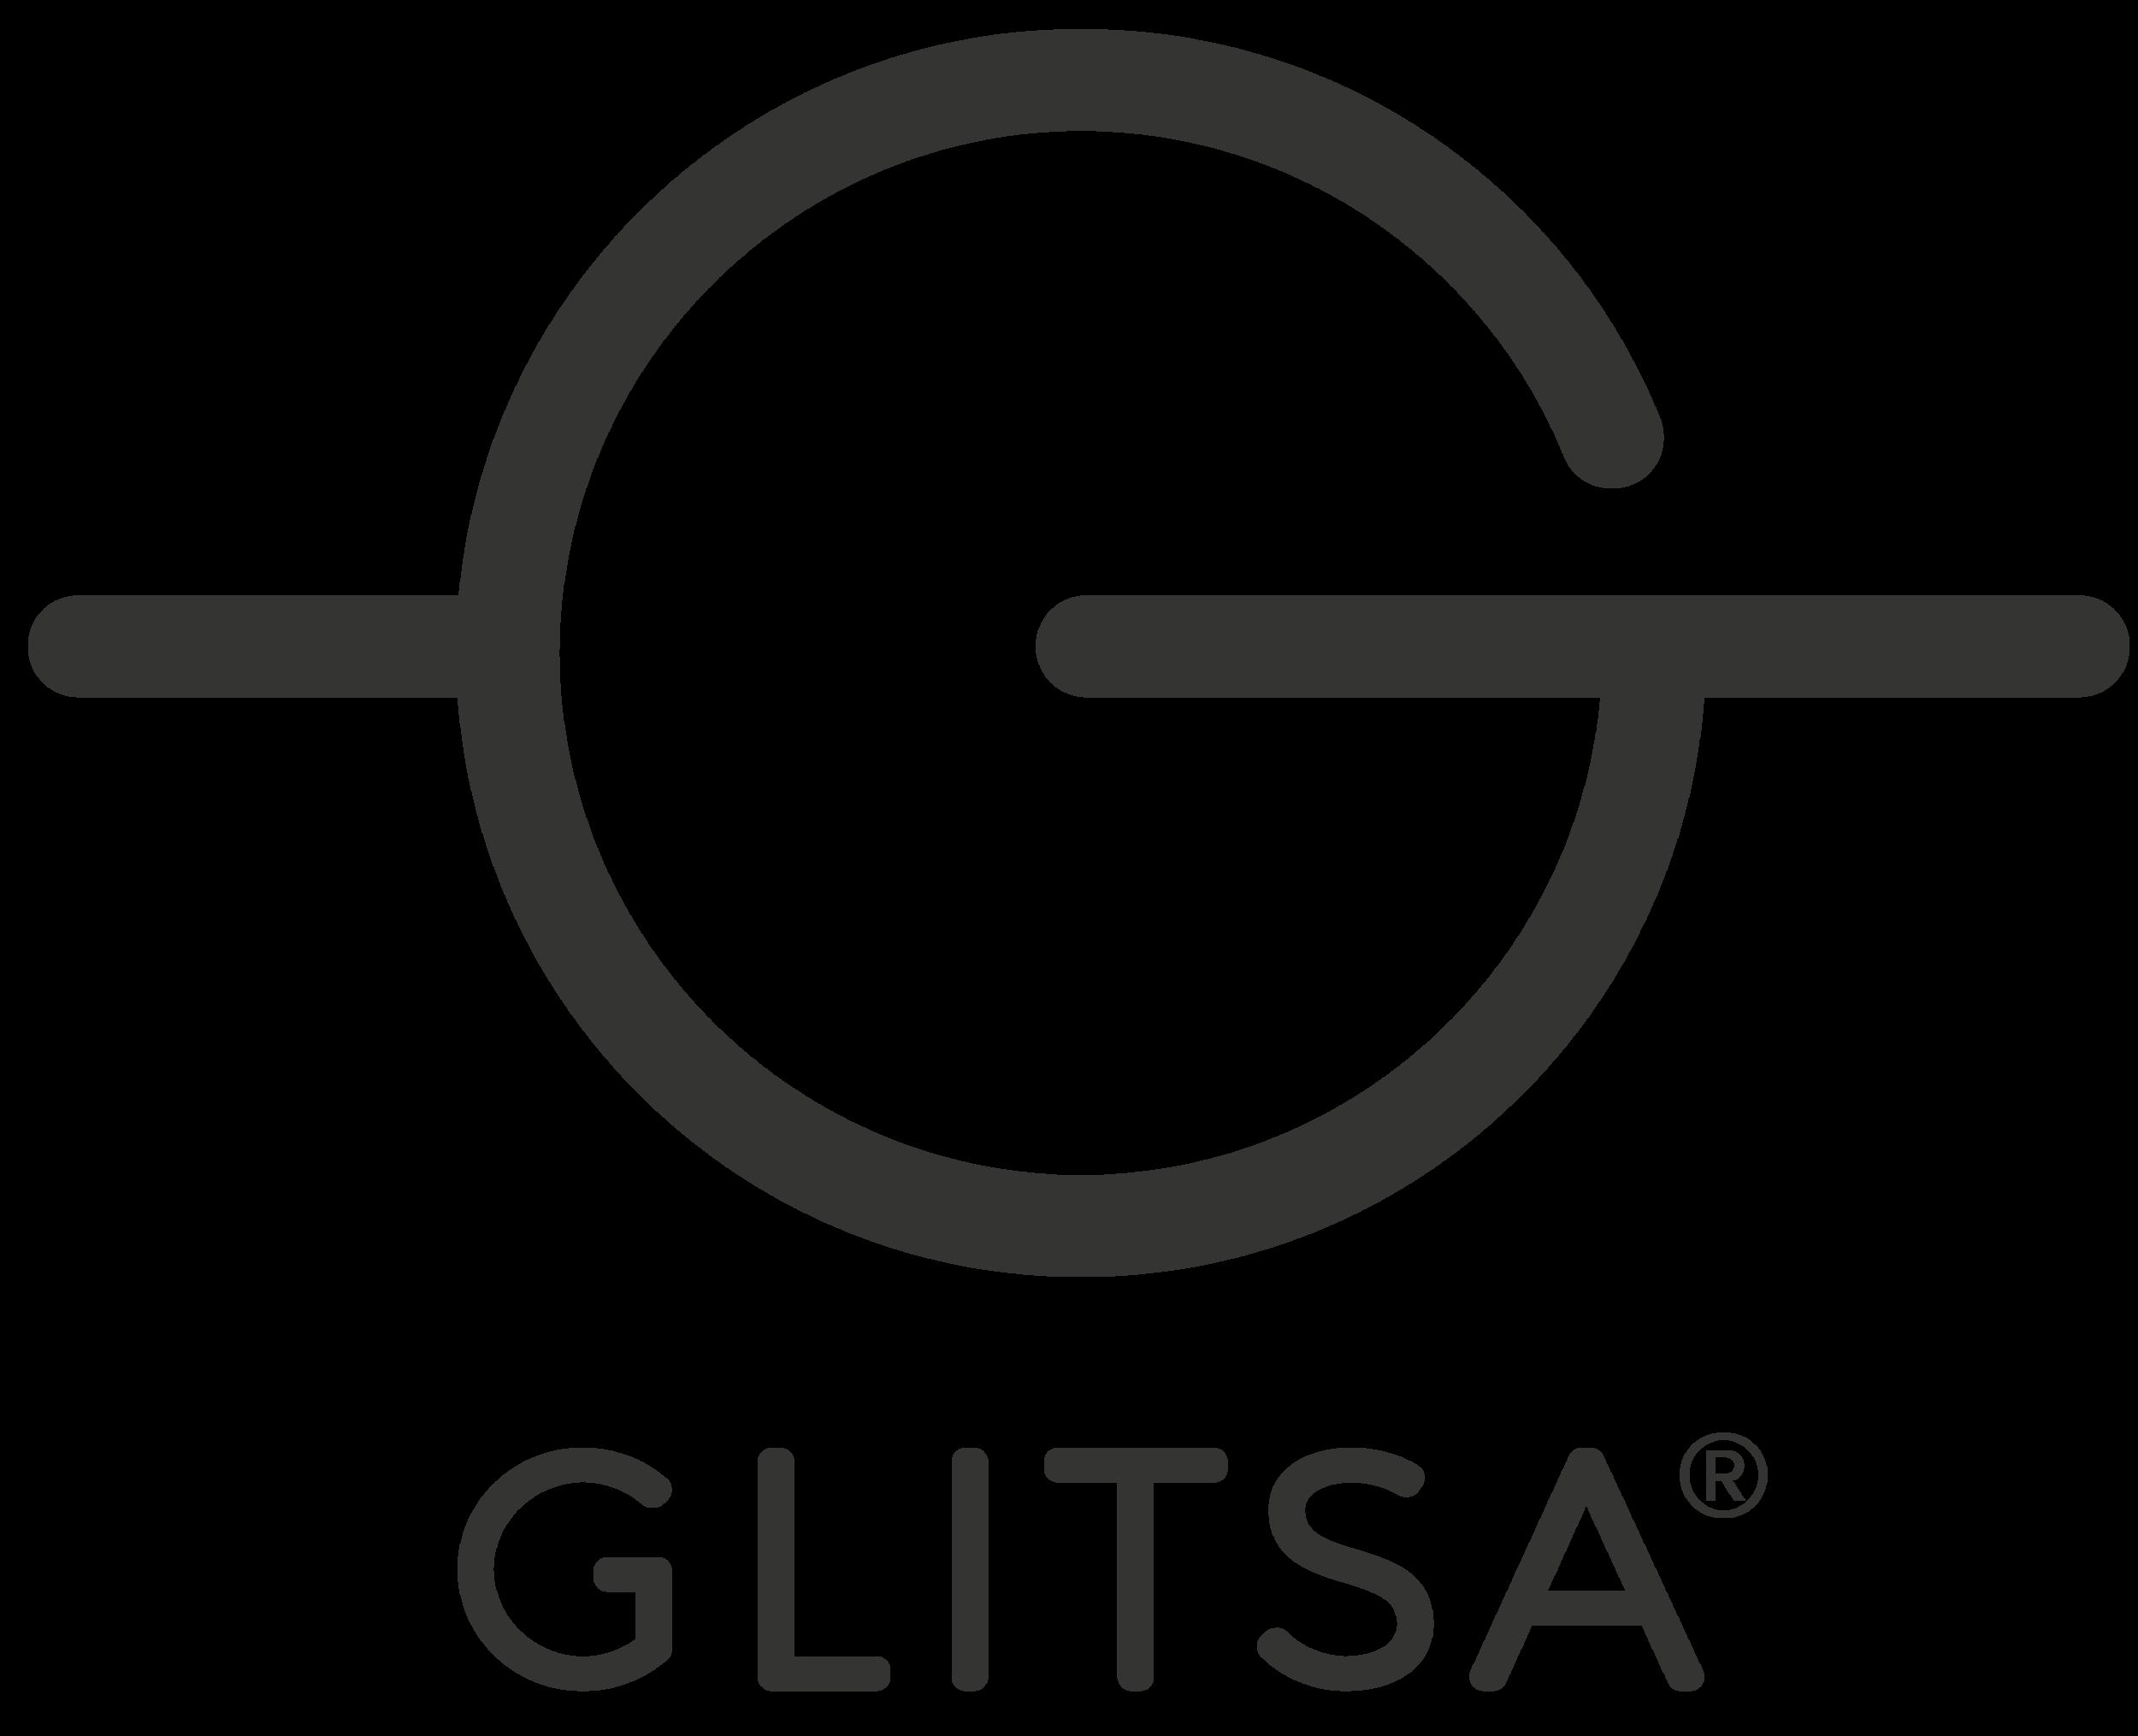 glitsa